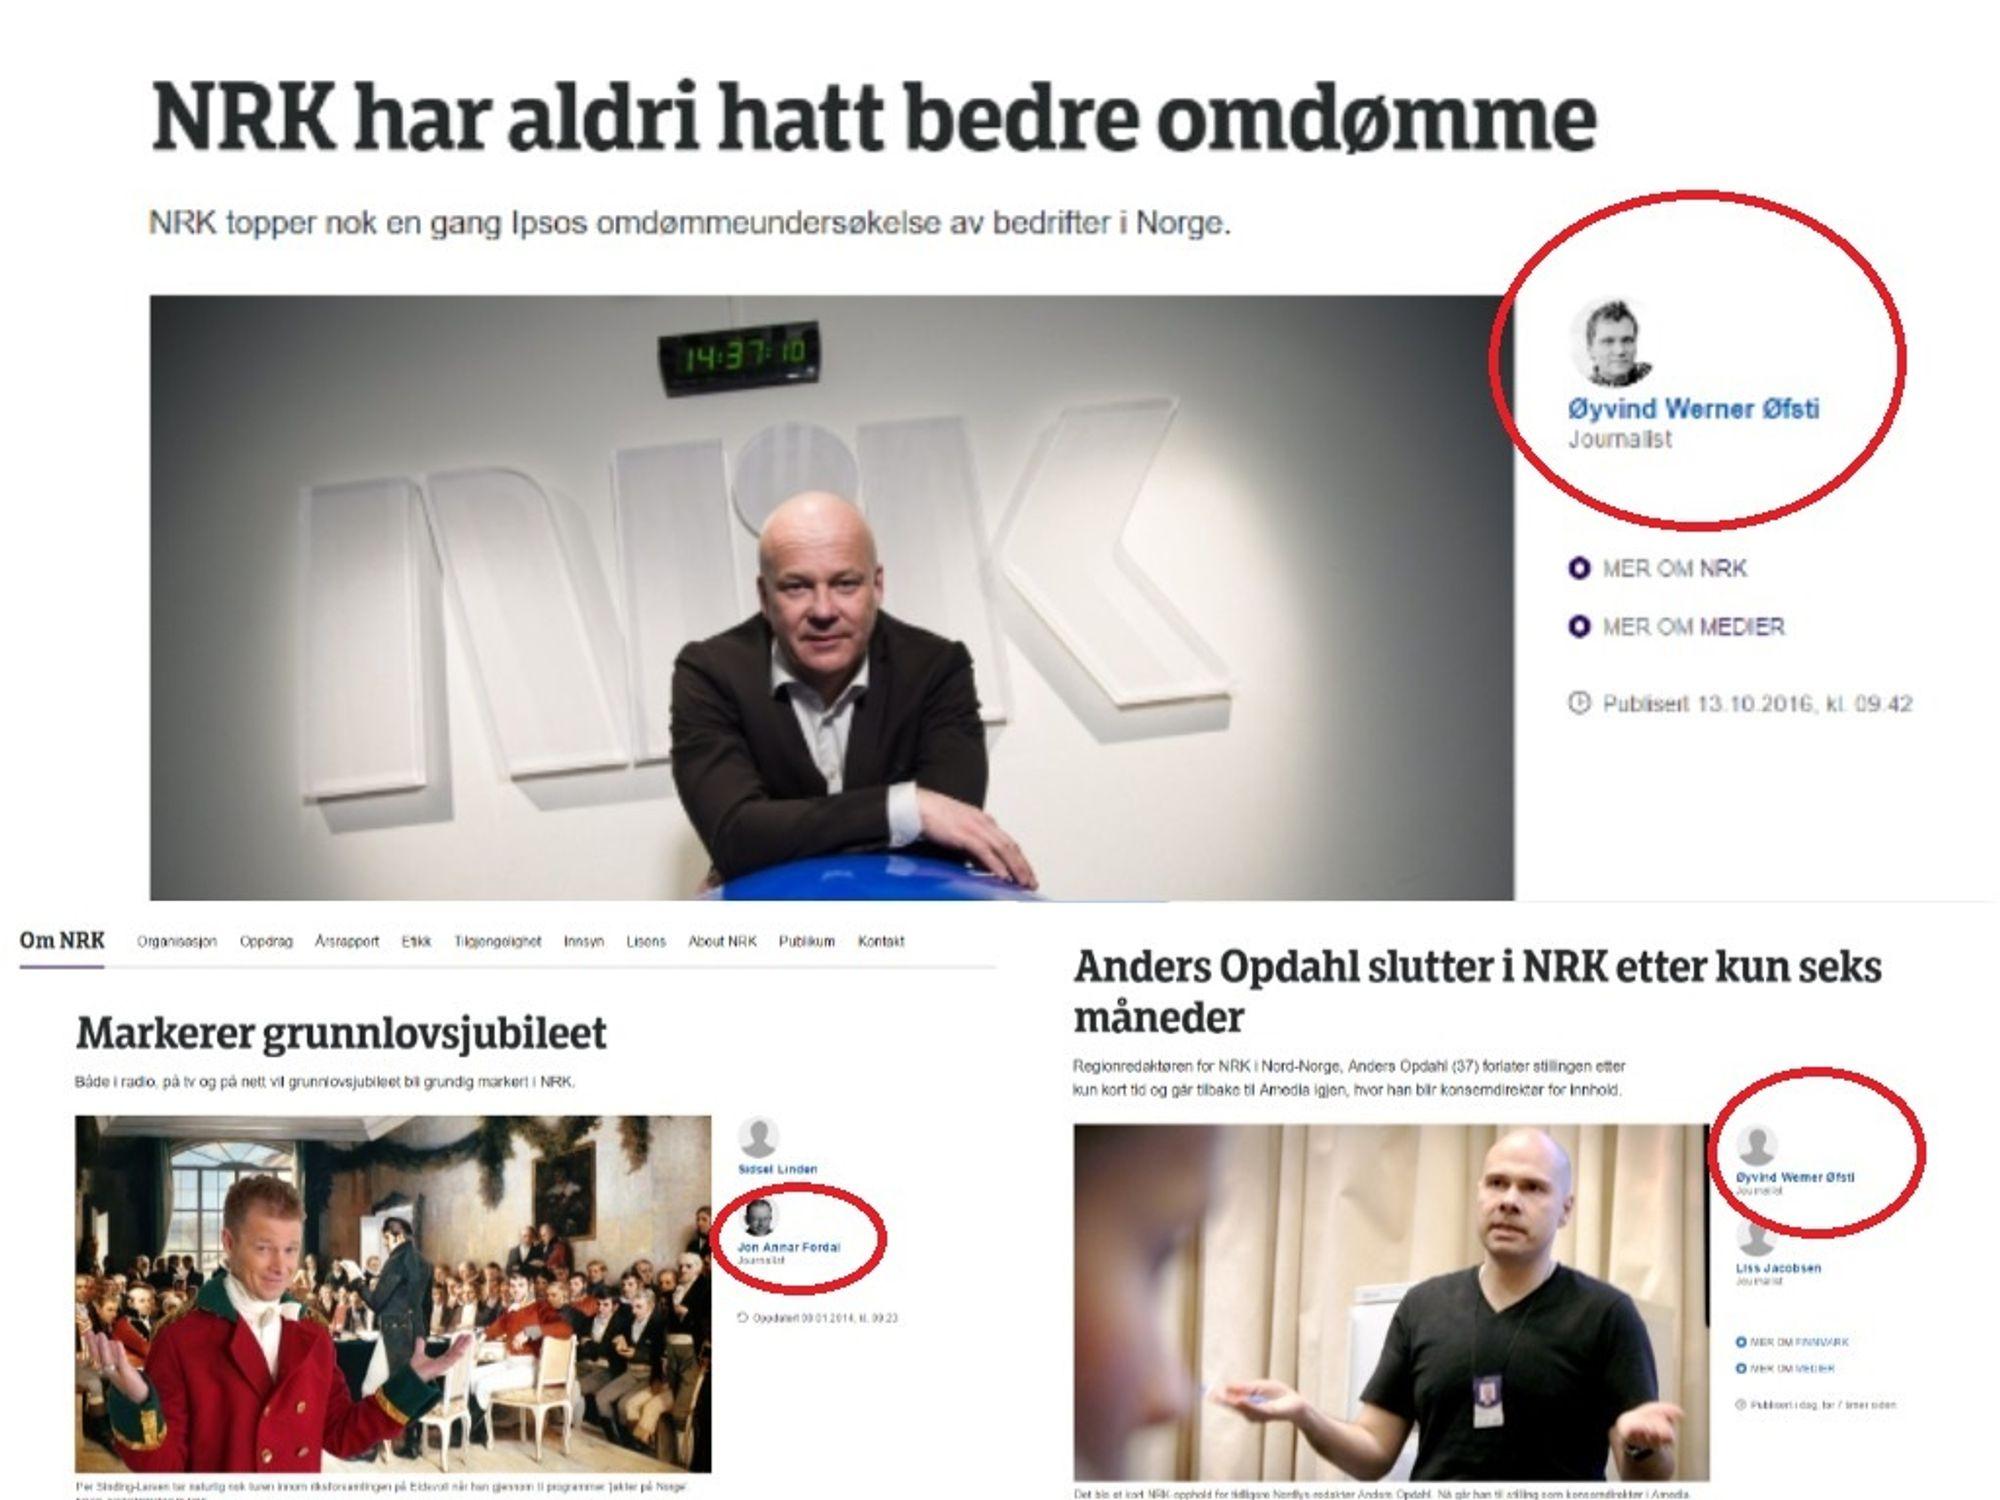 Eksempler på der kommunikasjonsrådgivere bruker tittelen journalist. (Collage).